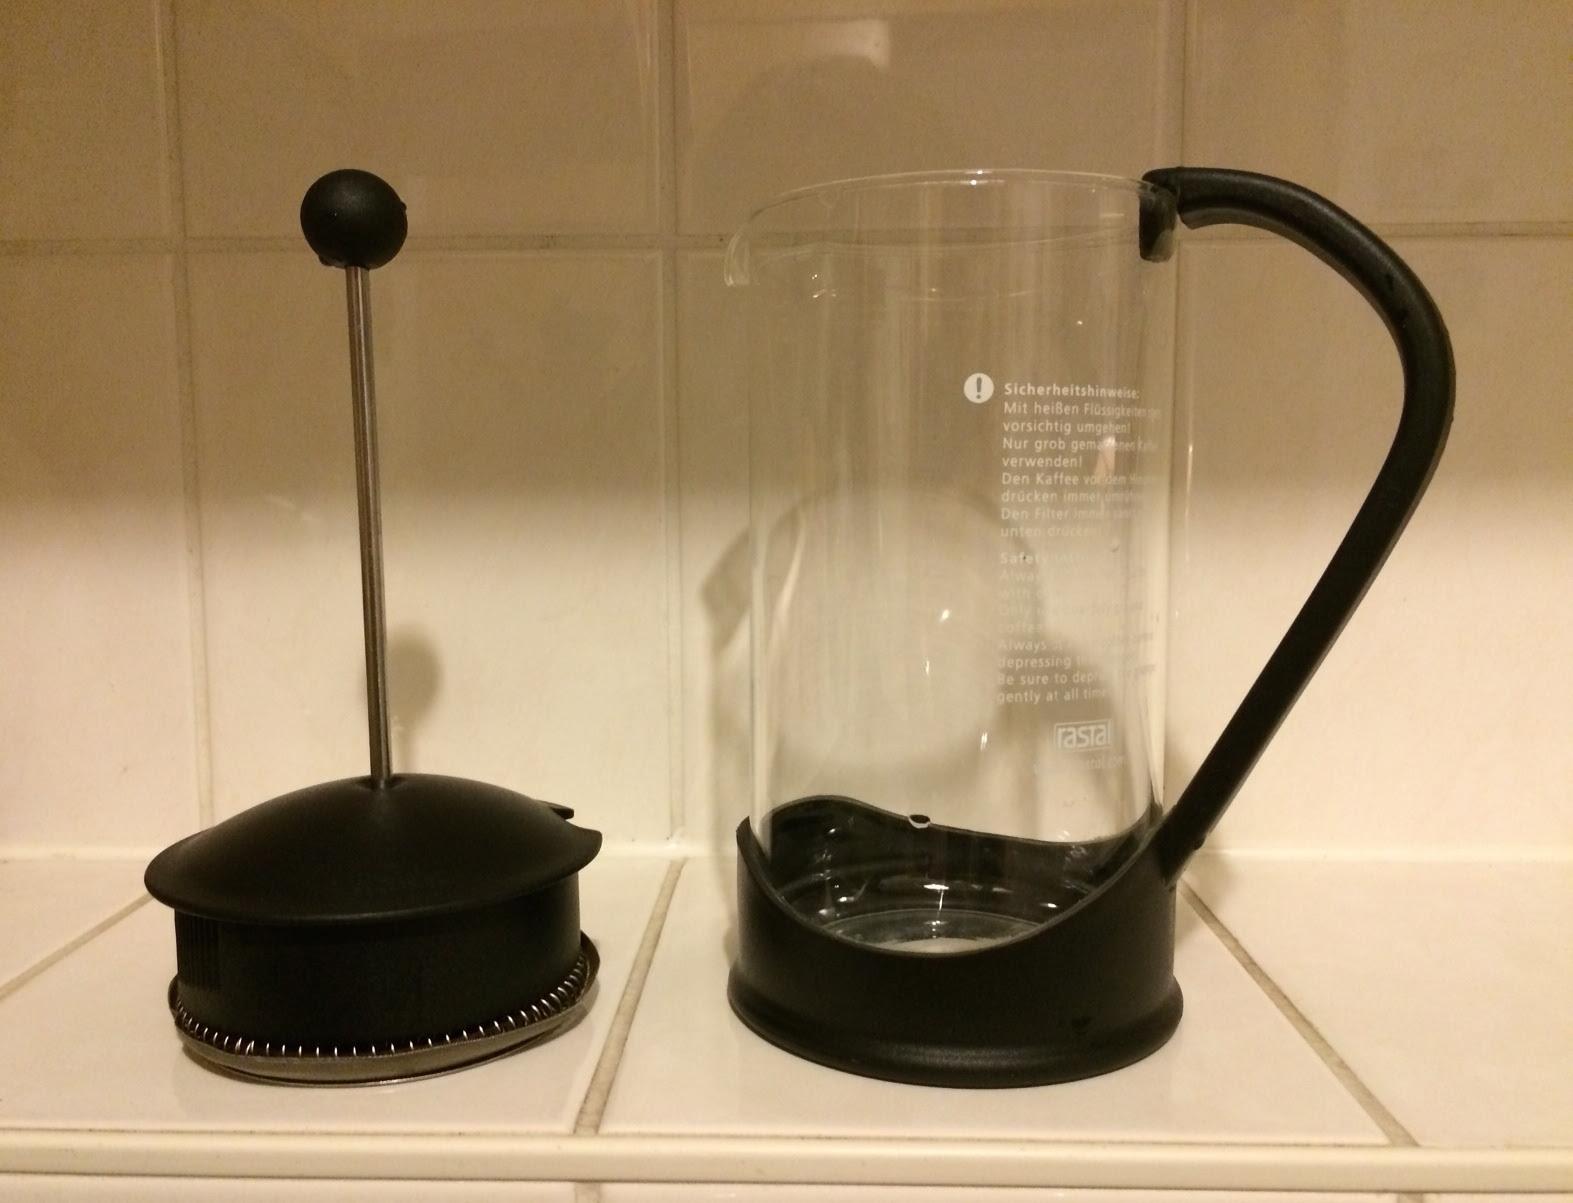 Kaffee kochen ohne kaffeemaschine - Küchen kaufen billig